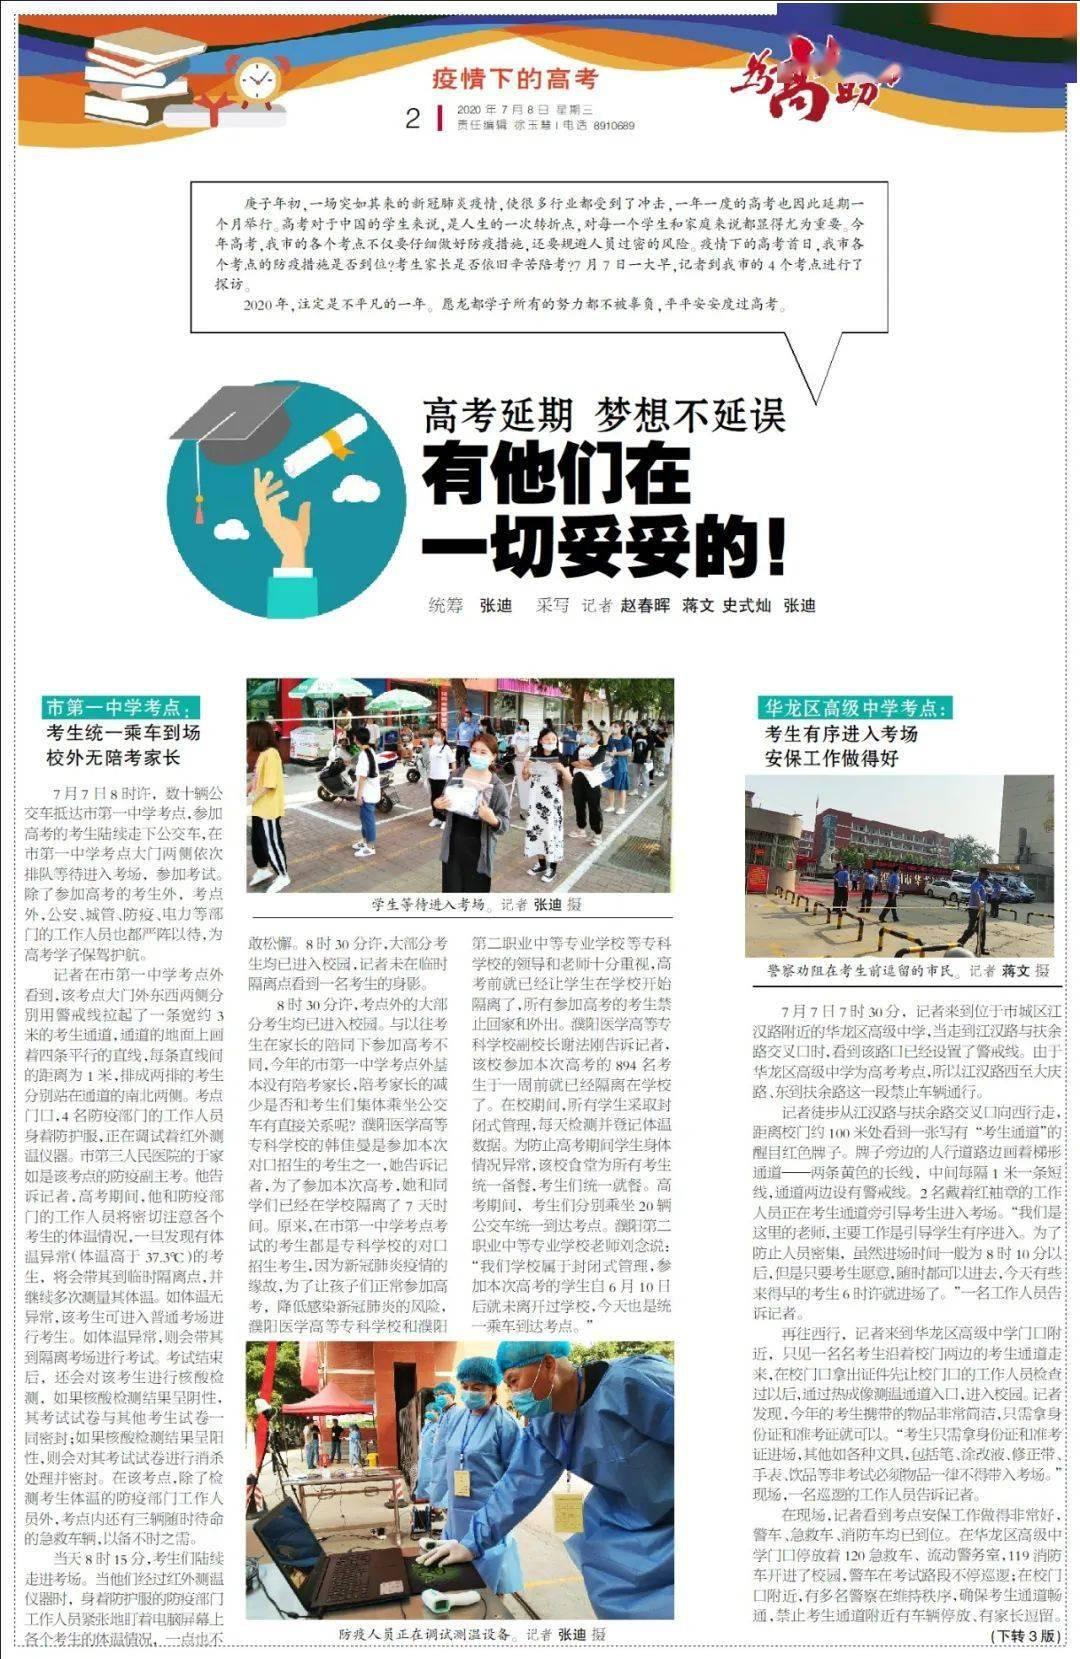 【早报速览】7月8日《濮阳早报》高清电子版来啦!